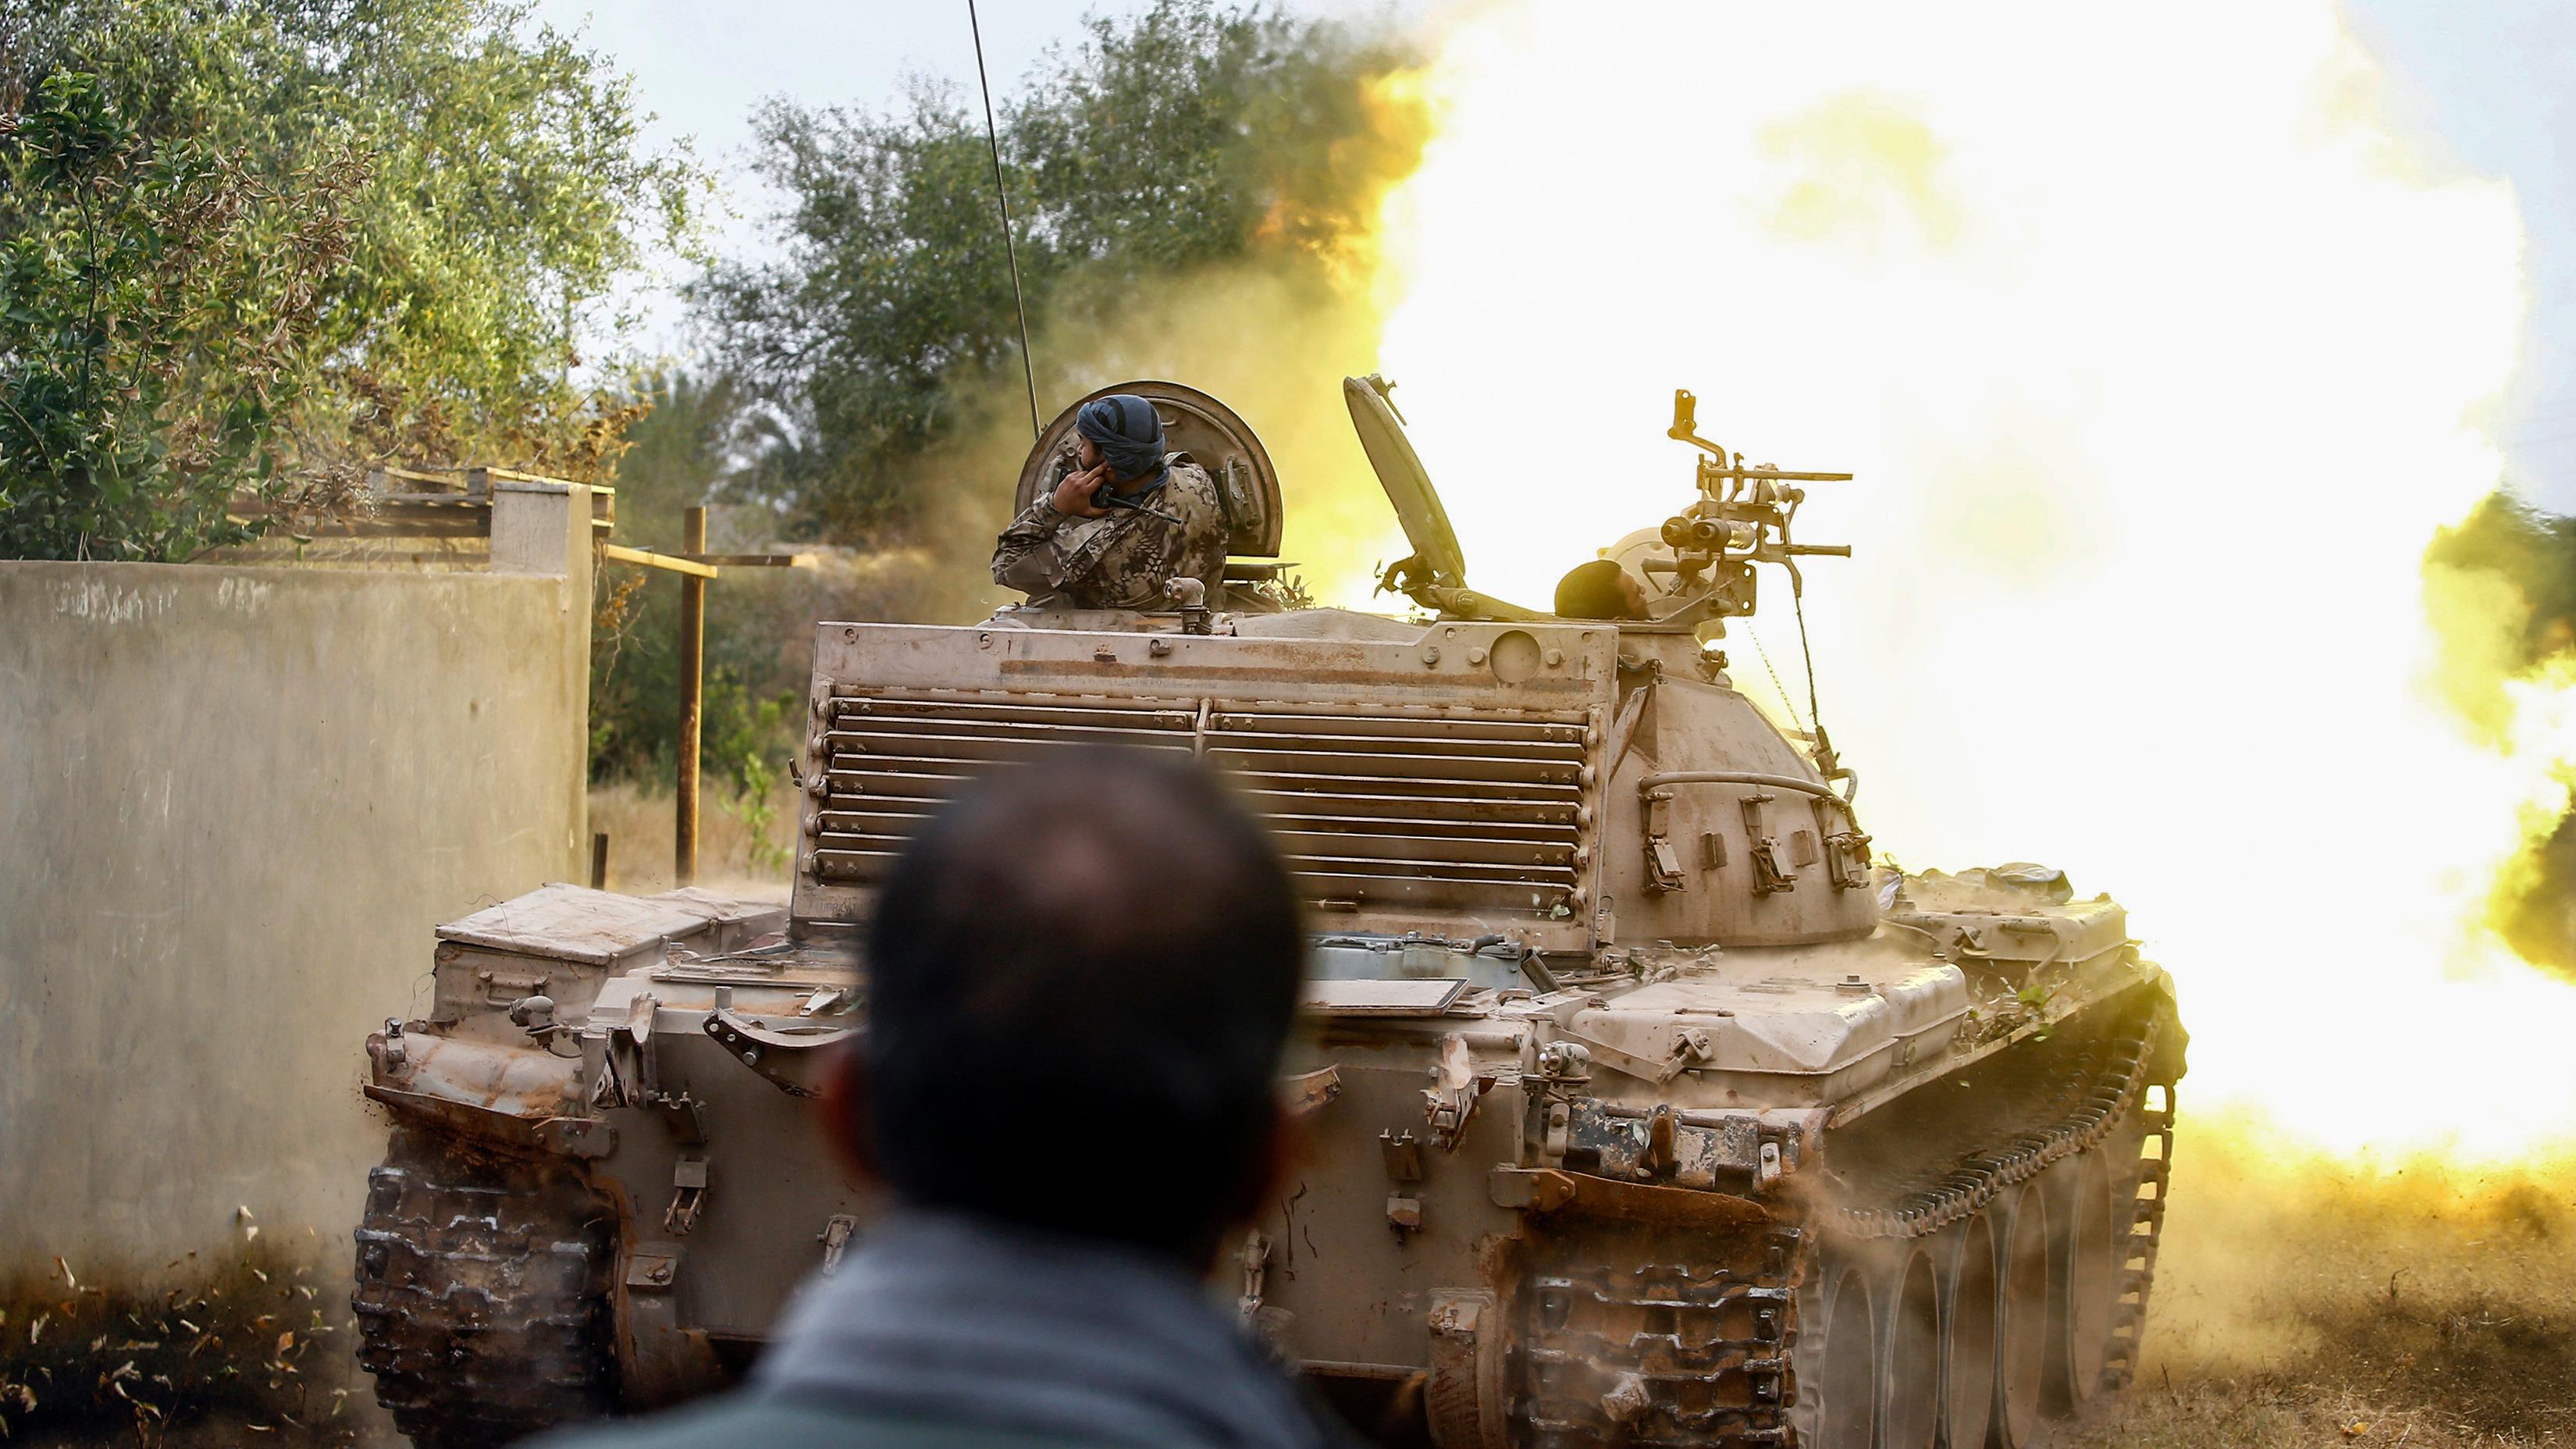 El sur de Libia es escenario de combates diarios desde que en abril tropas lideradas por el mariscal Jalifa Hafter, tutor del gobierno establecido en la ciudad oriental de Tobruk, impusiera un cerco para expulsar al Ejecutivo sostenido por la ONU desde 2016 en Trípoli.